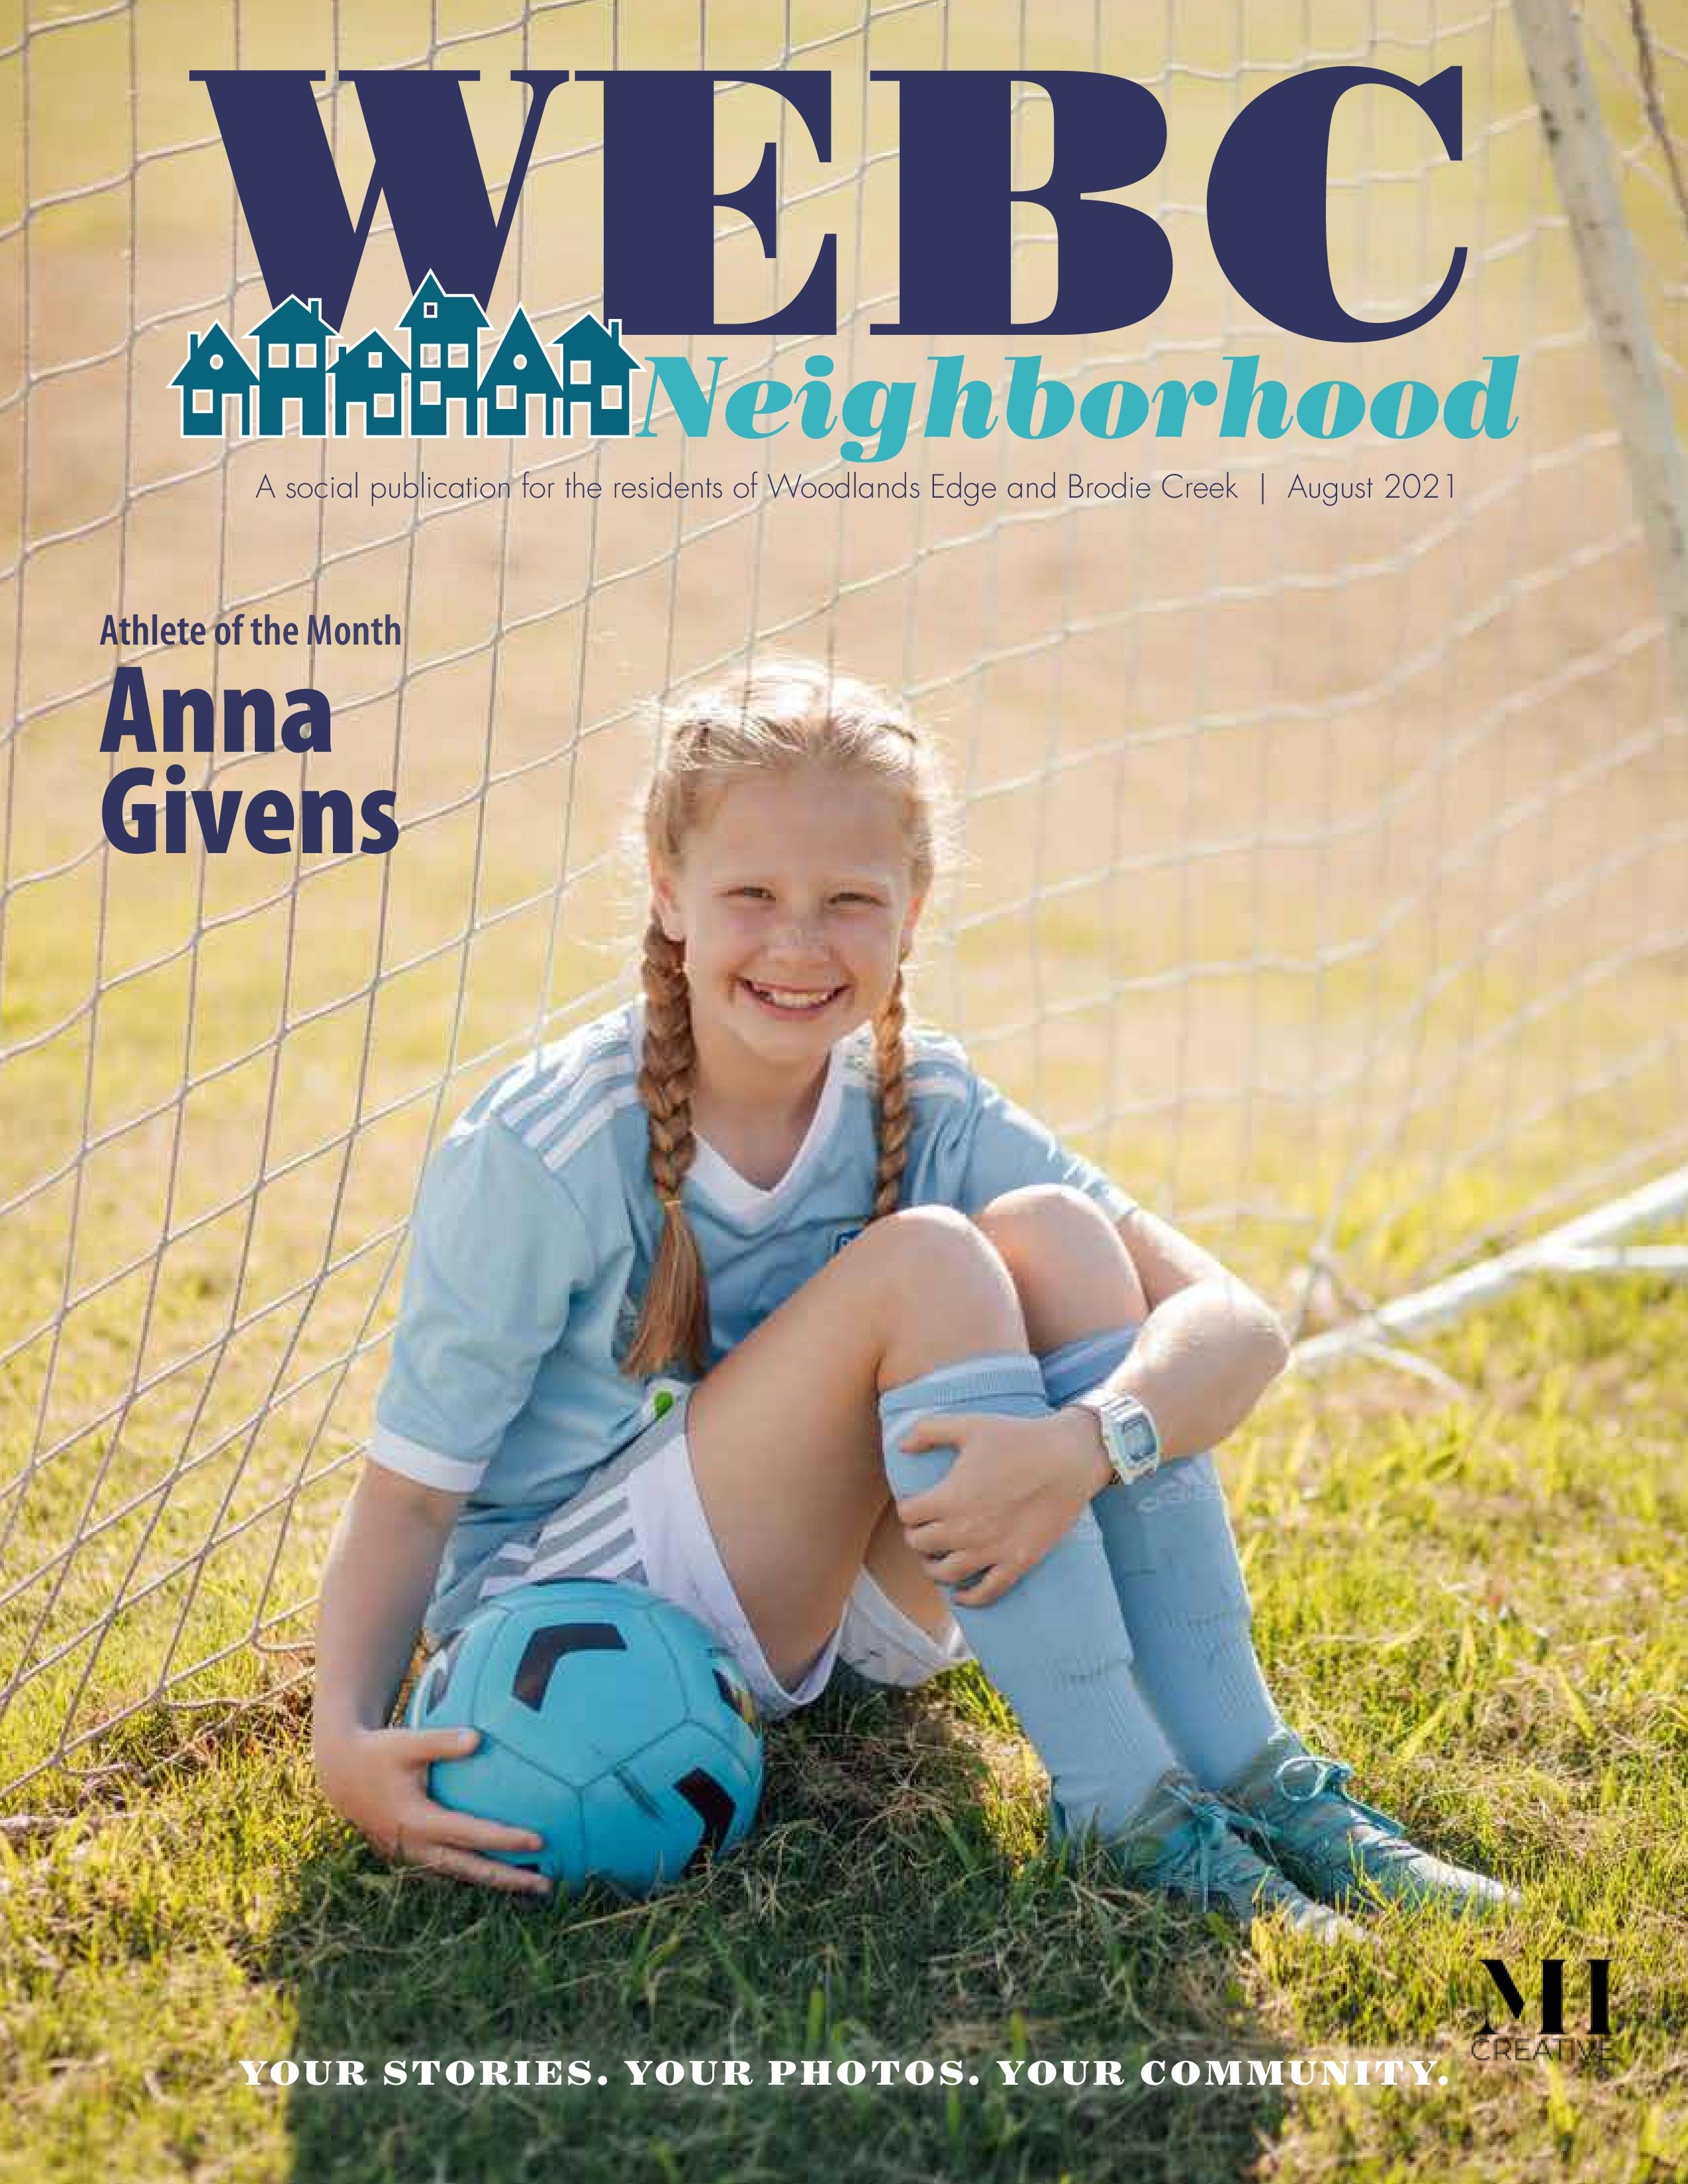 WEBC Neighborhood 2021-08-01